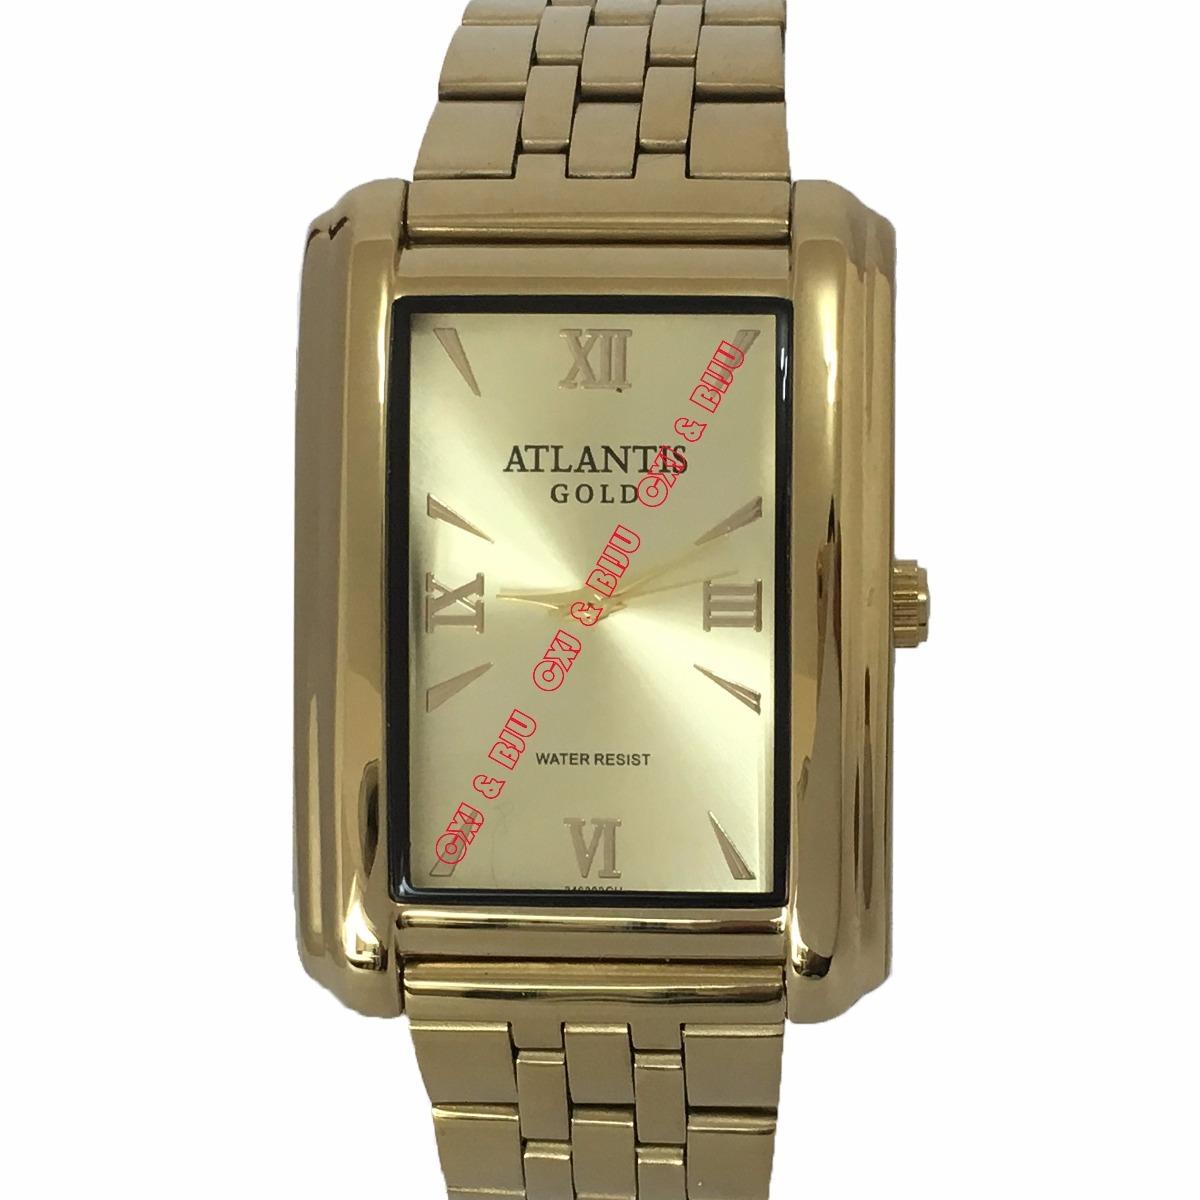 e08d7d06754 relógio masculino original atlantis dourado ( frete grátis). Carregando  zoom.